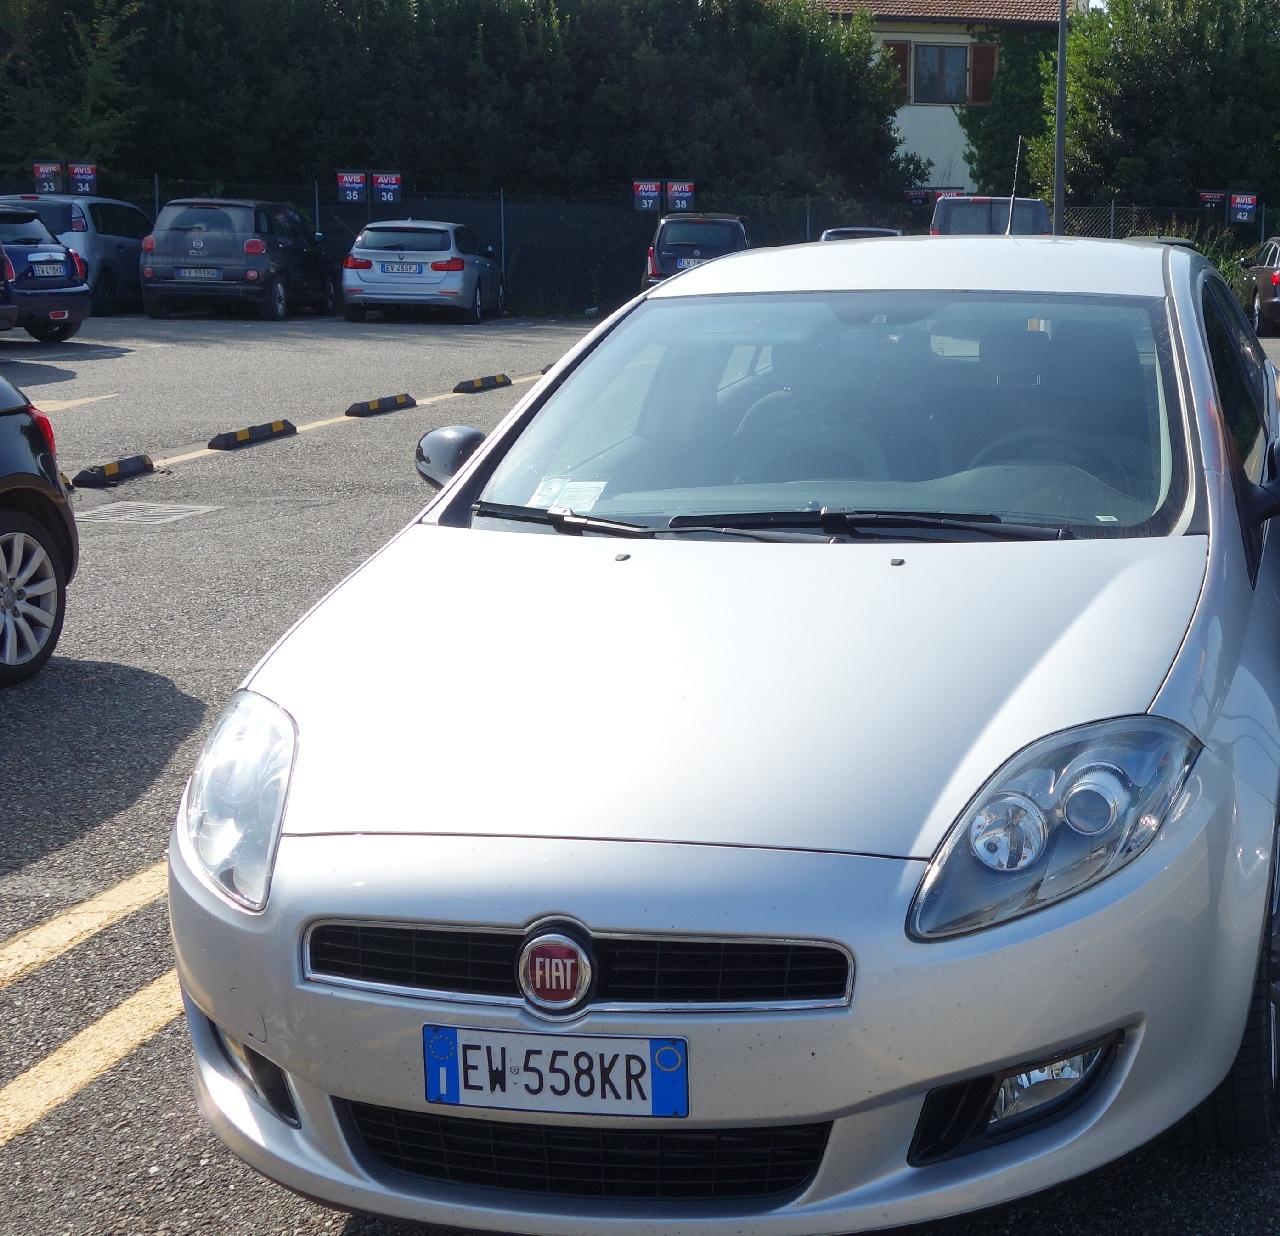 Fiat Brava - masina inchiriata pentru sejurul nostru din Toscana